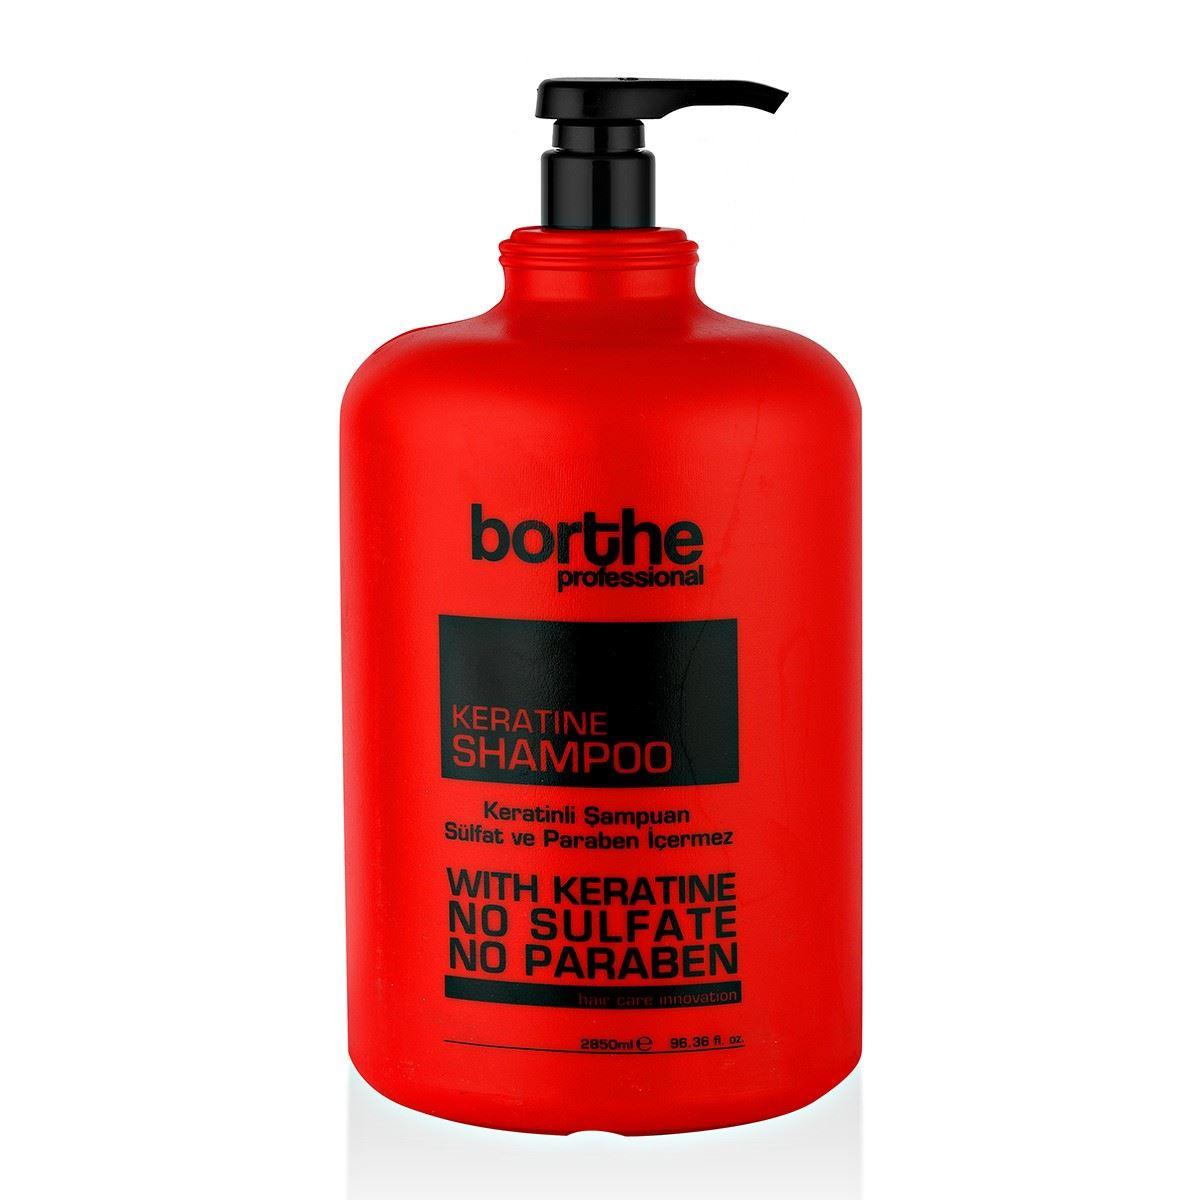 Borthe Şampuan Keratin 2850 ml.